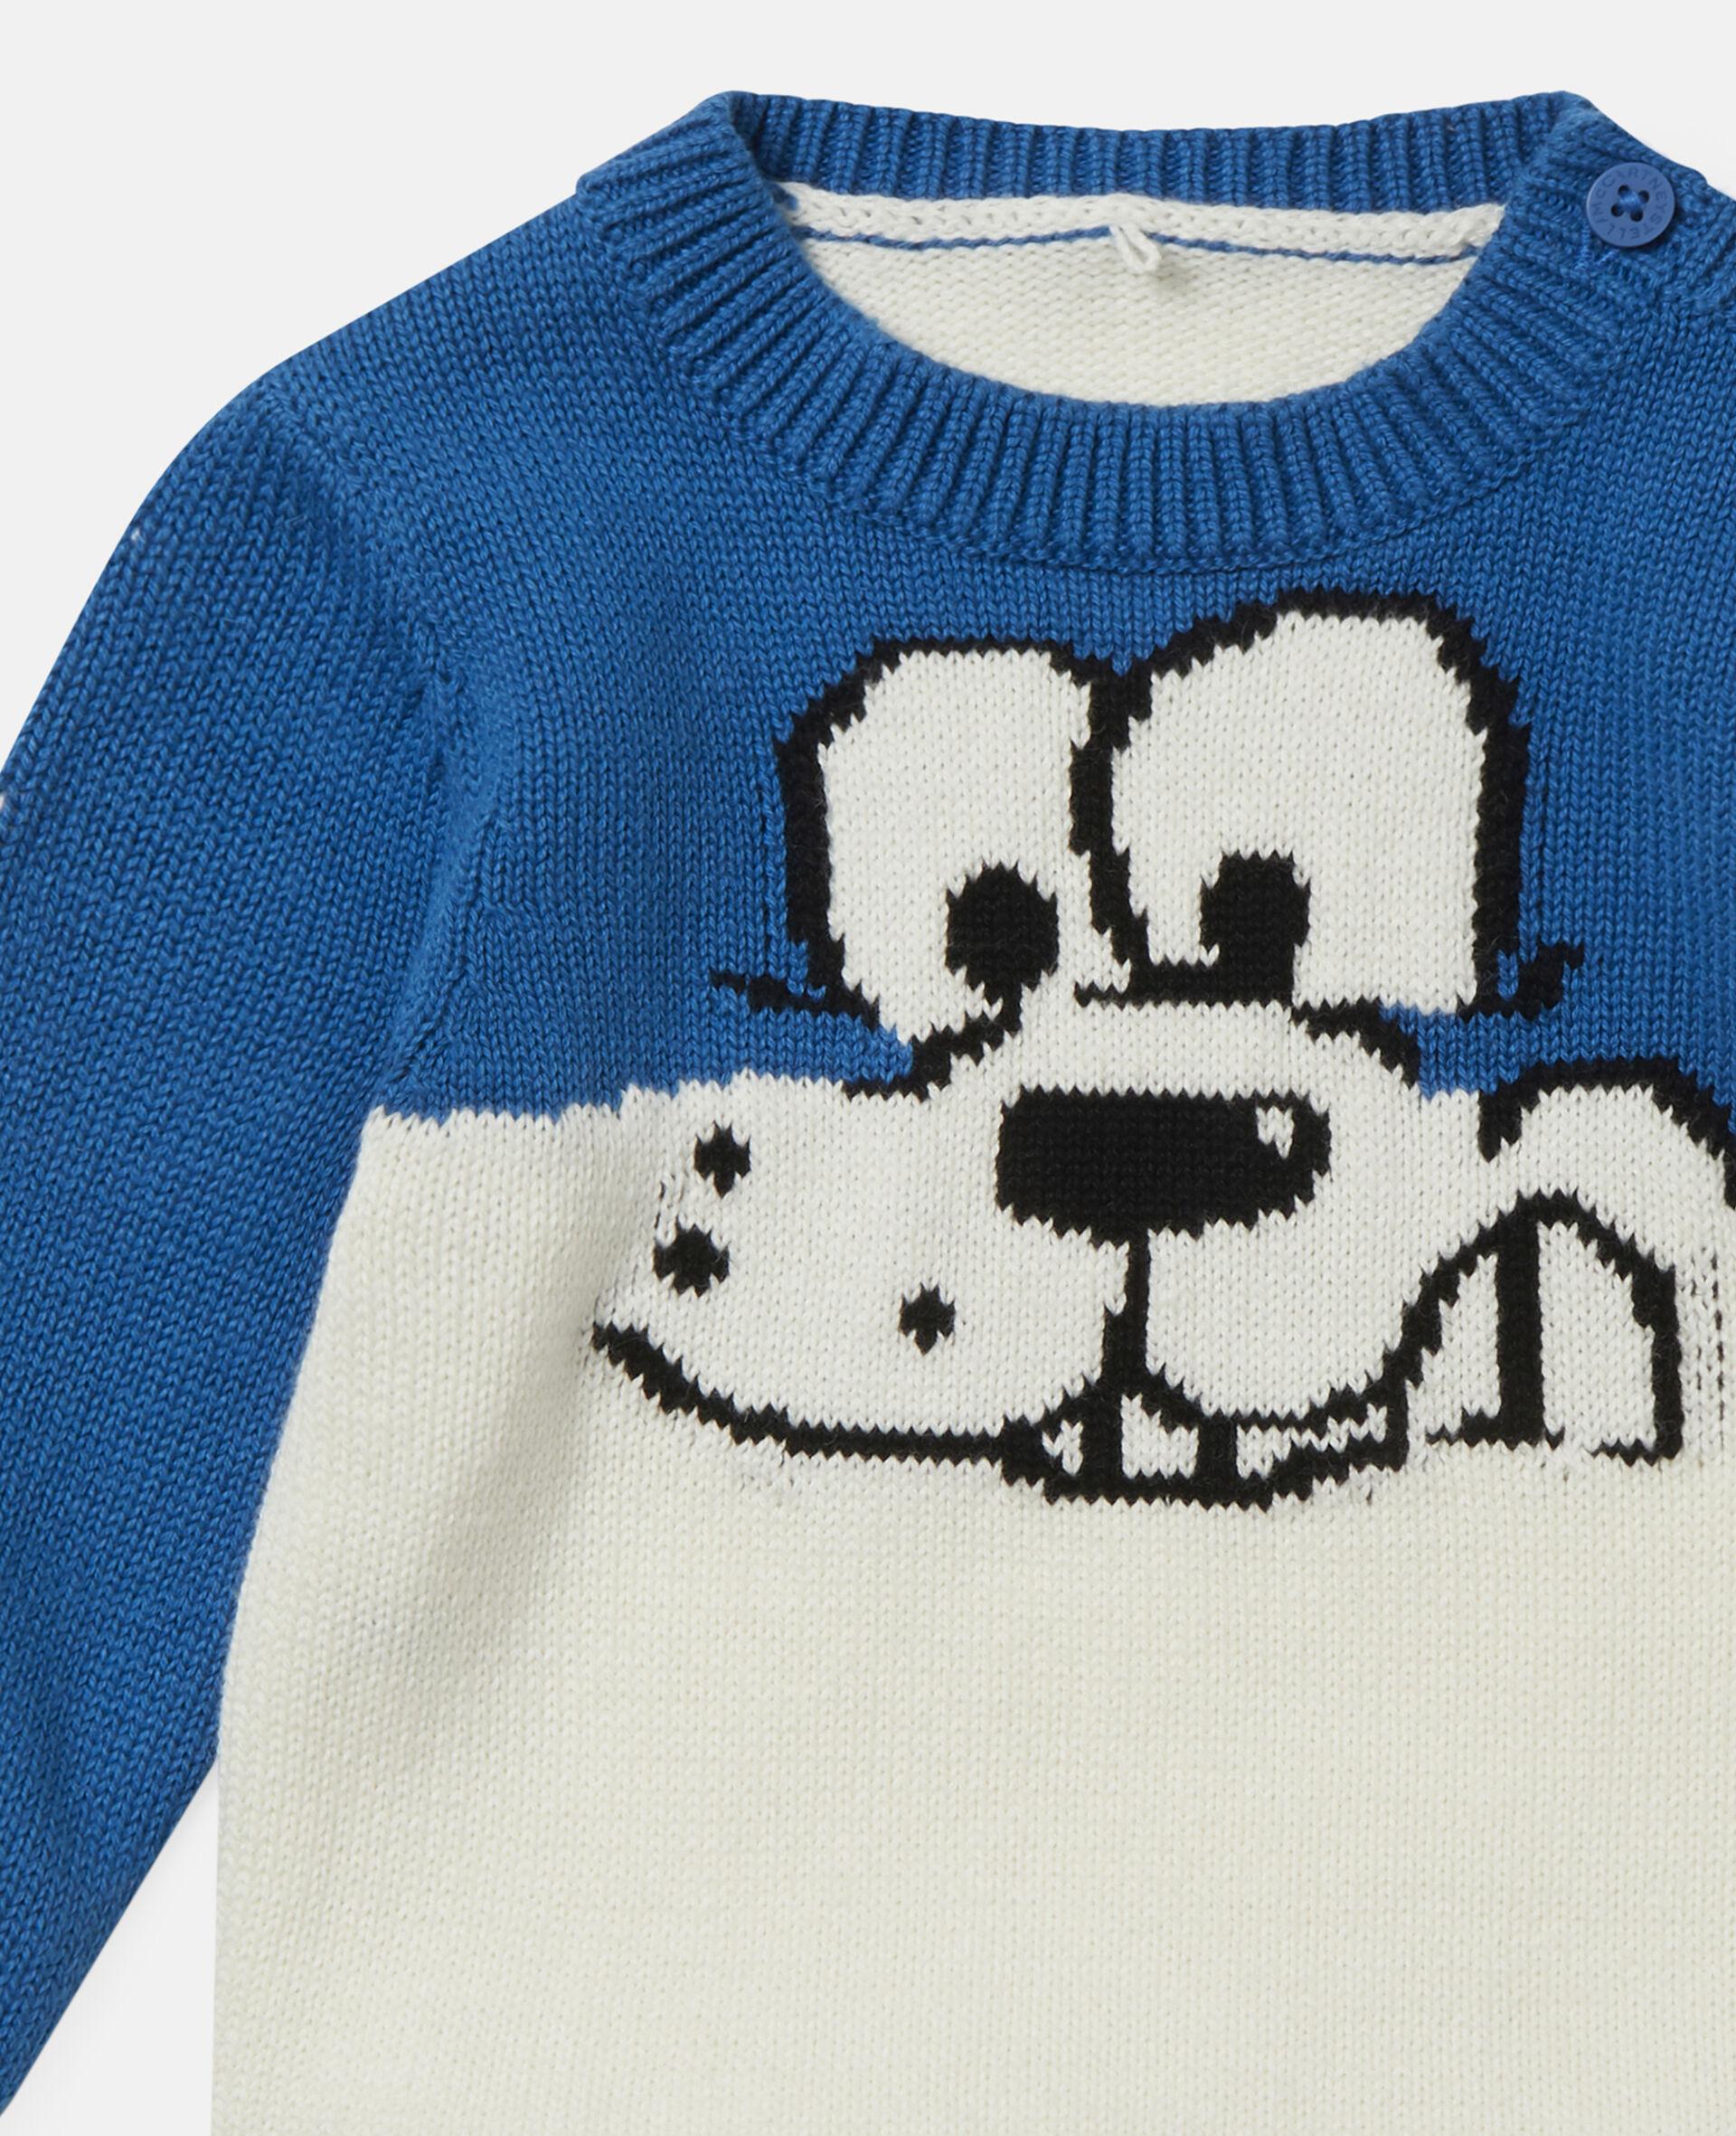 Doodle Dog Knit Intarsia Sweater-White-large image number 1